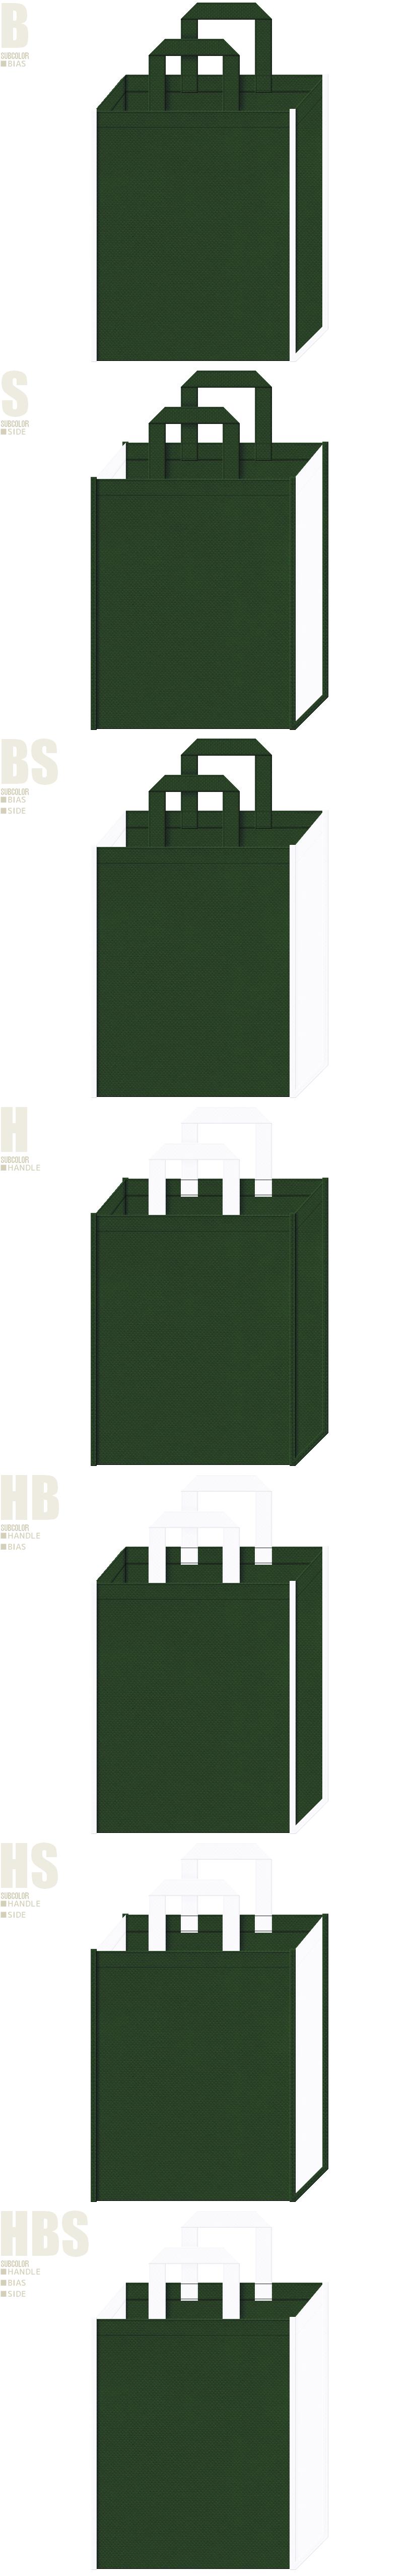 救急用品・薬局・製薬・薬剤・処方箋・医療器具・医薬品の展示会用バッグにお奨めの不織布バッグデザイン:濃緑色と白色の配色7パターン